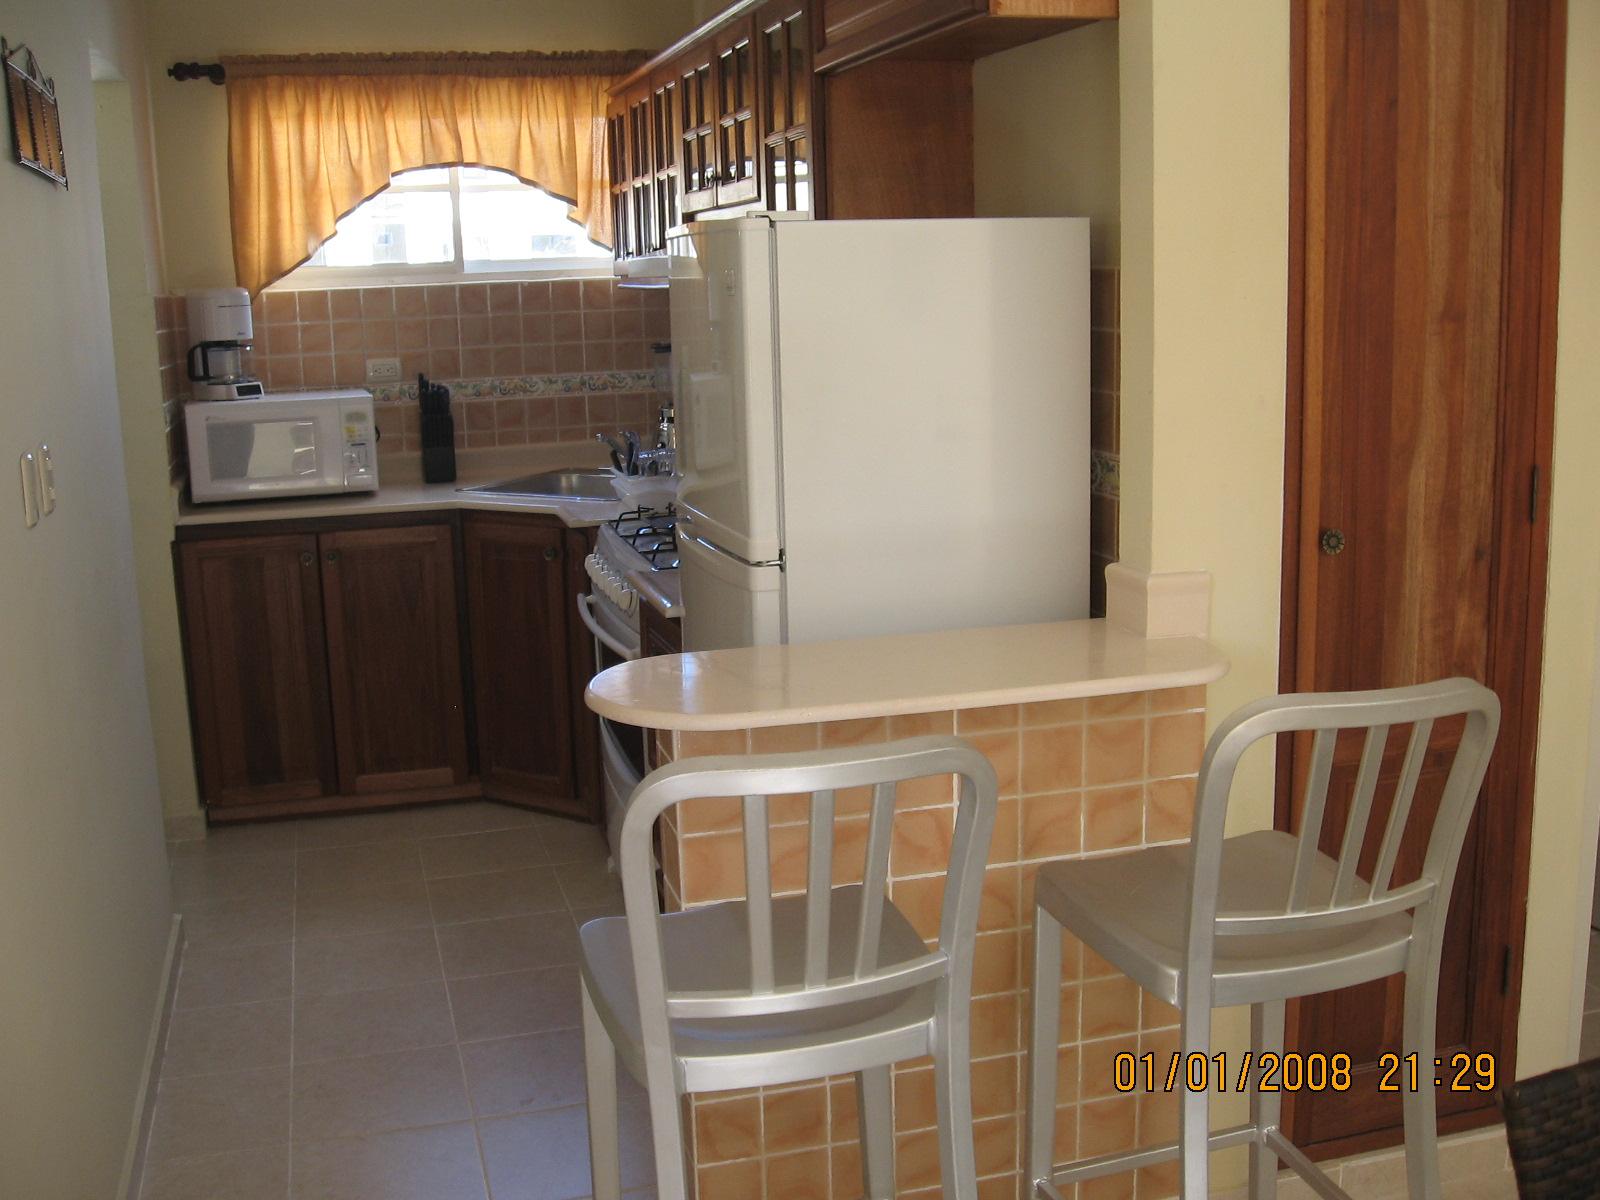 Bonito y comodo apartamento de tres dormitorios gabinohome for Dormitorios comodos